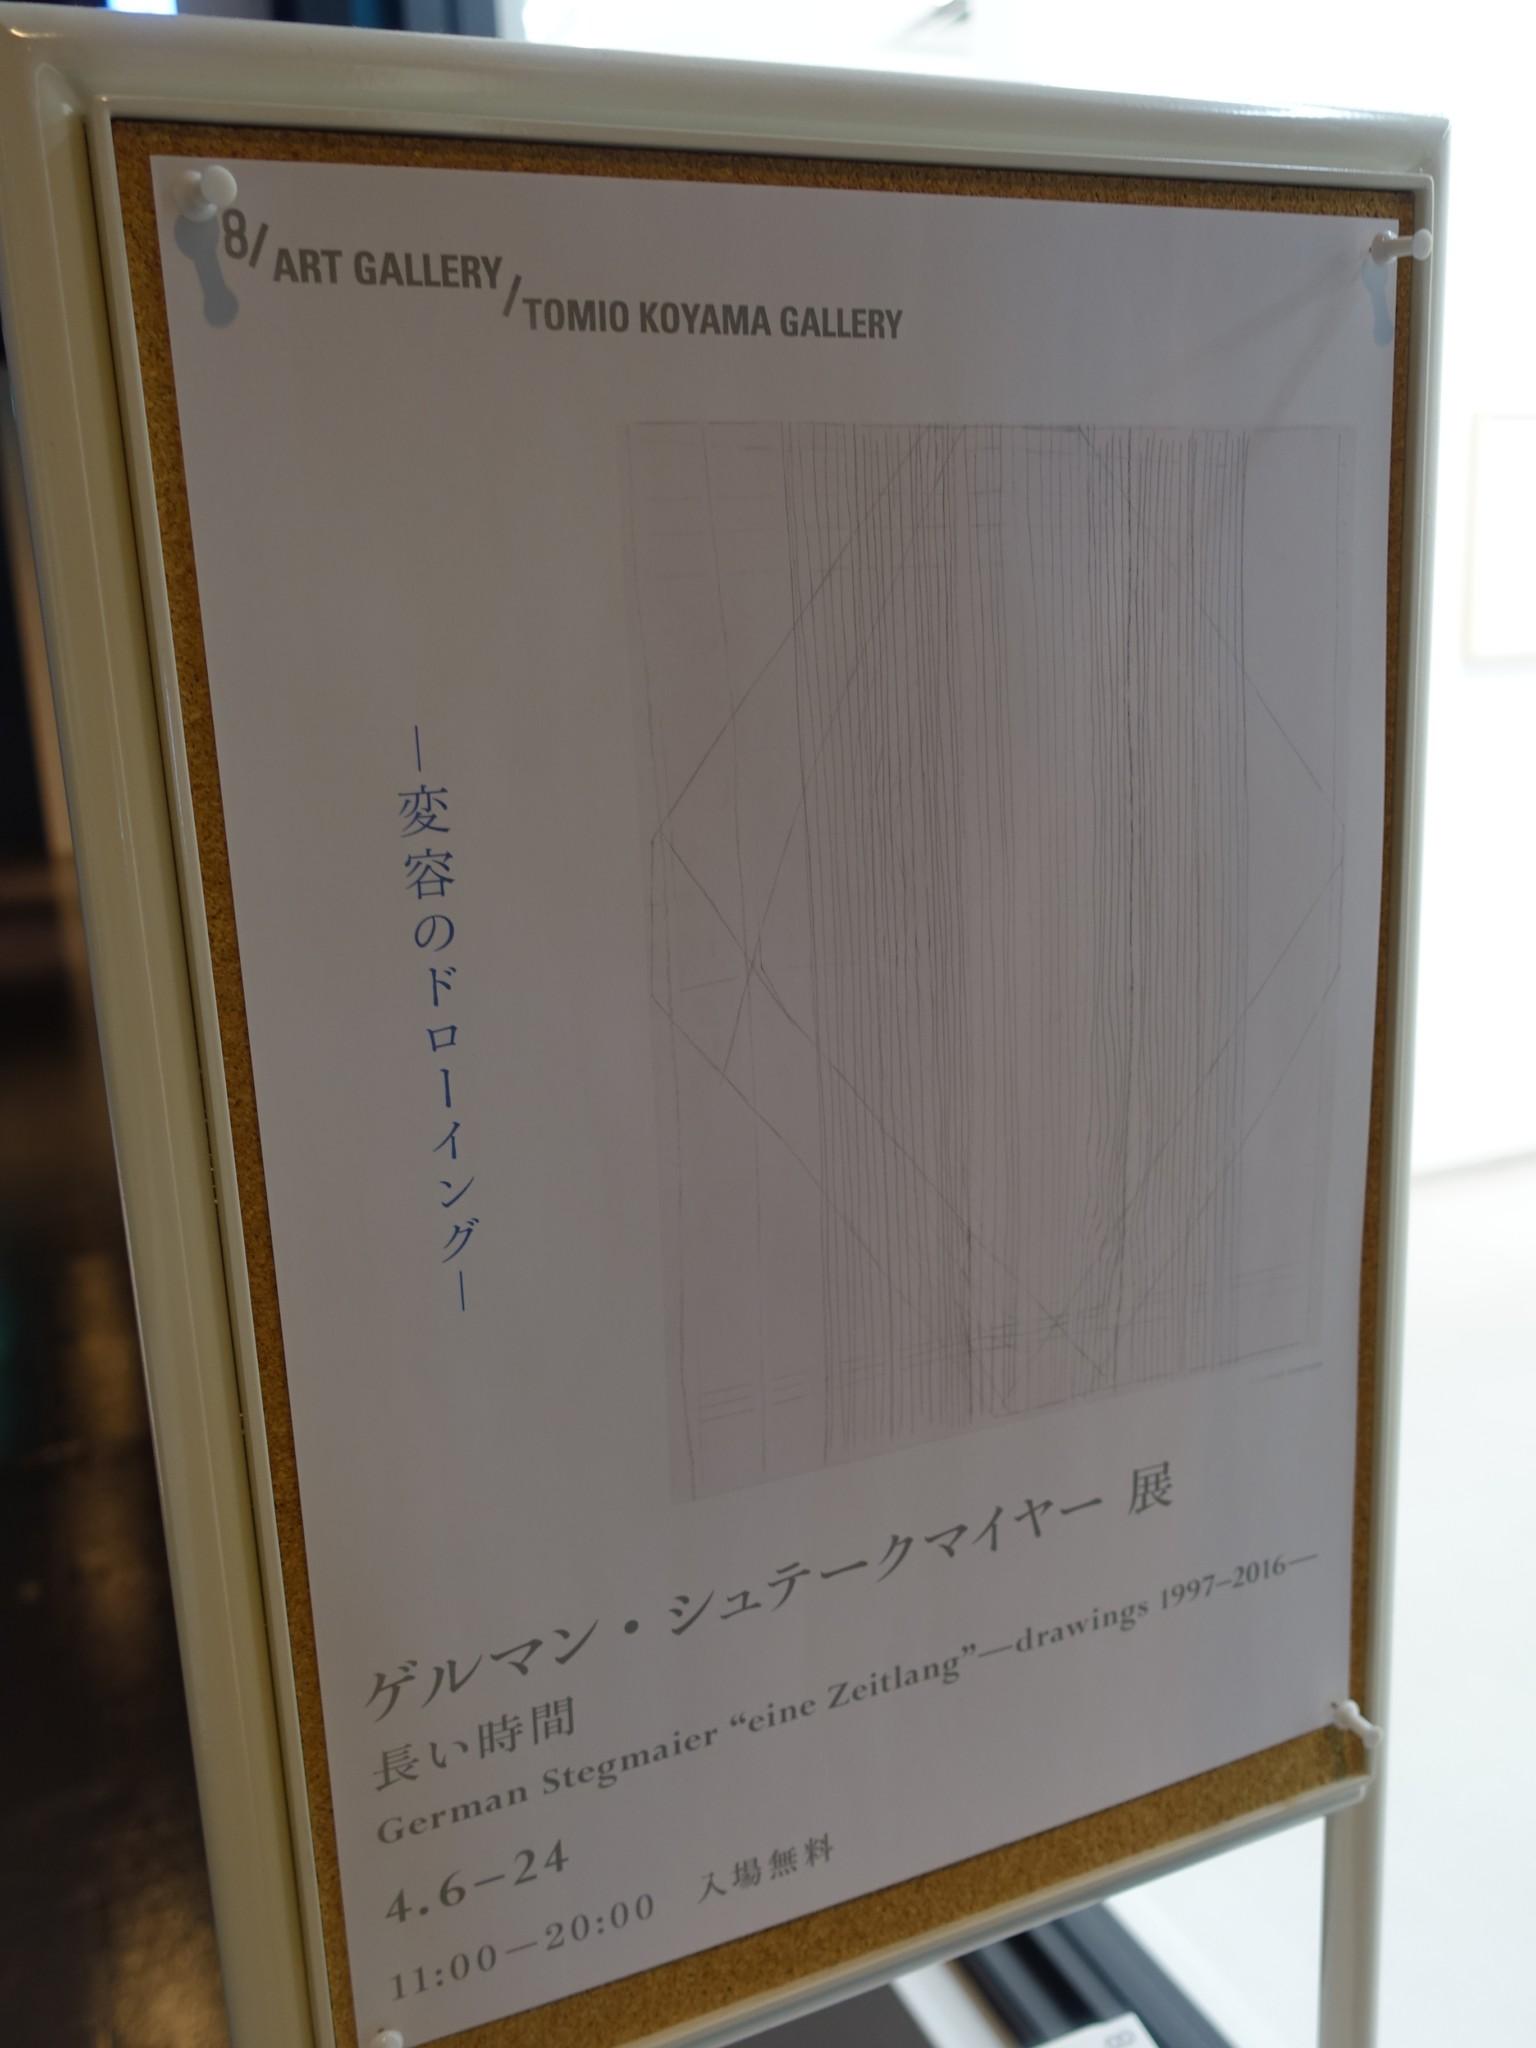 ゲルマン・シュテークマイヤー展「長い時間」